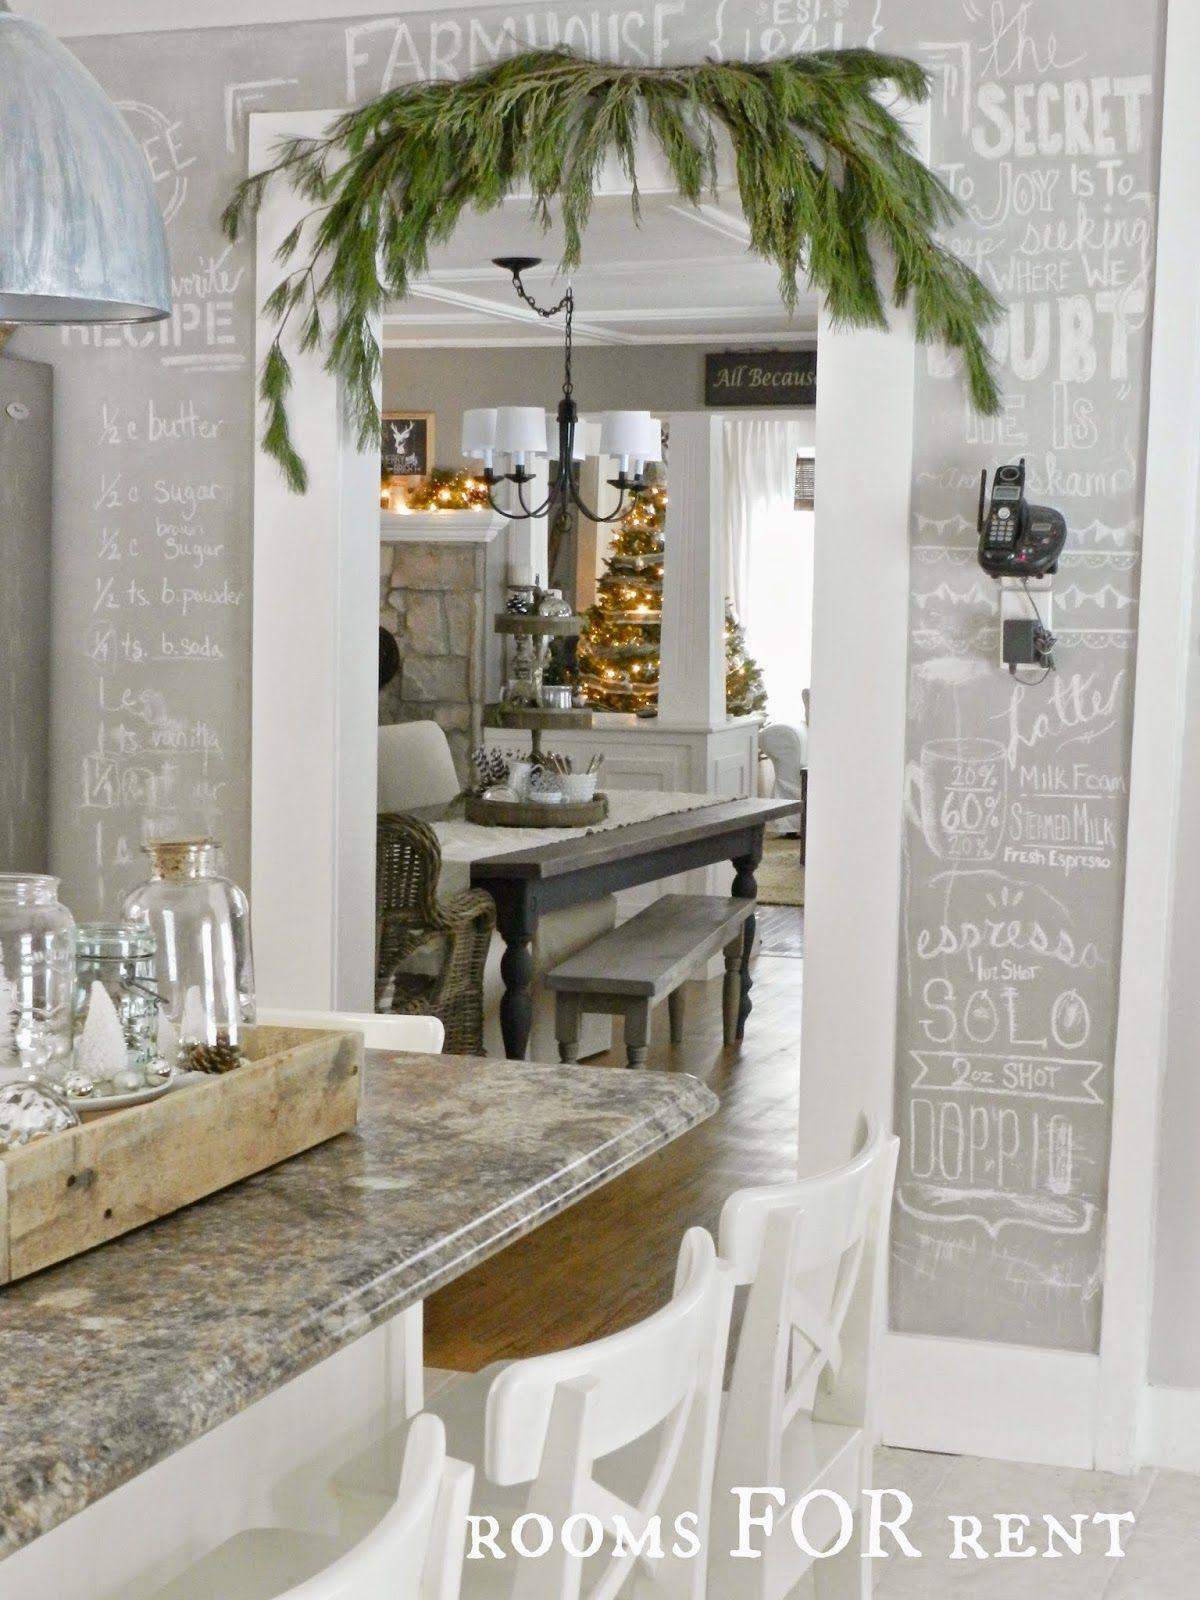 thelaurentate einrichtungstrends neue wohnung haus weihnachten. Black Bedroom Furniture Sets. Home Design Ideas